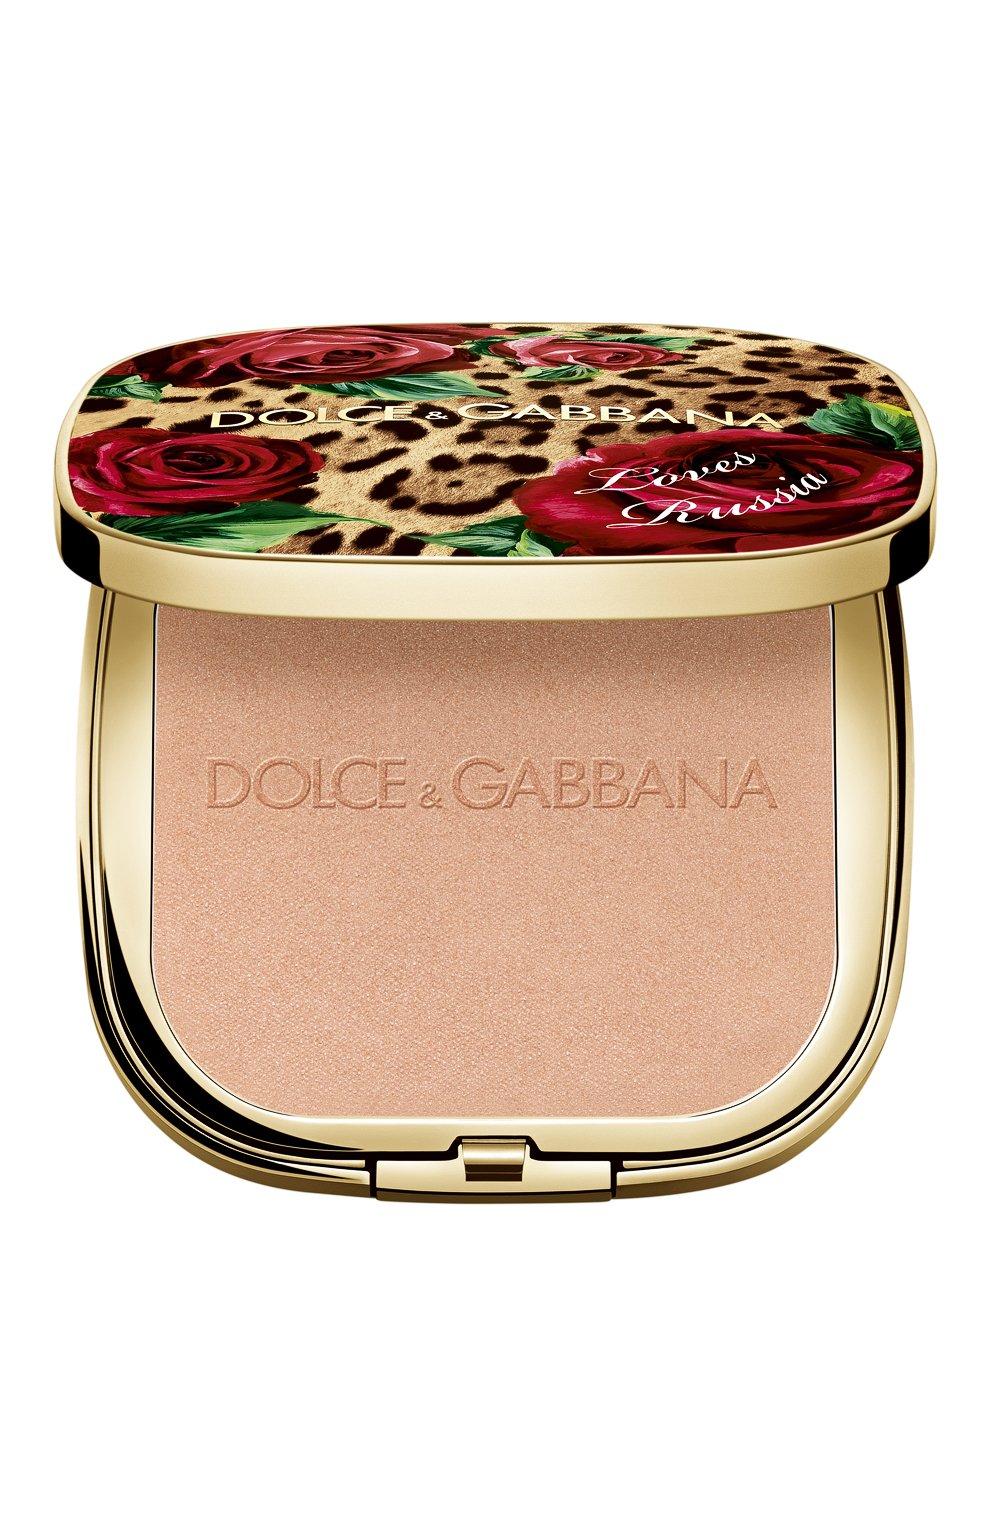 Универсальная пудра-хайлайтер dg loves russia (12g) DOLCE & GABBANA бесцветного цвета, арт. 3124350DG | Фото 1